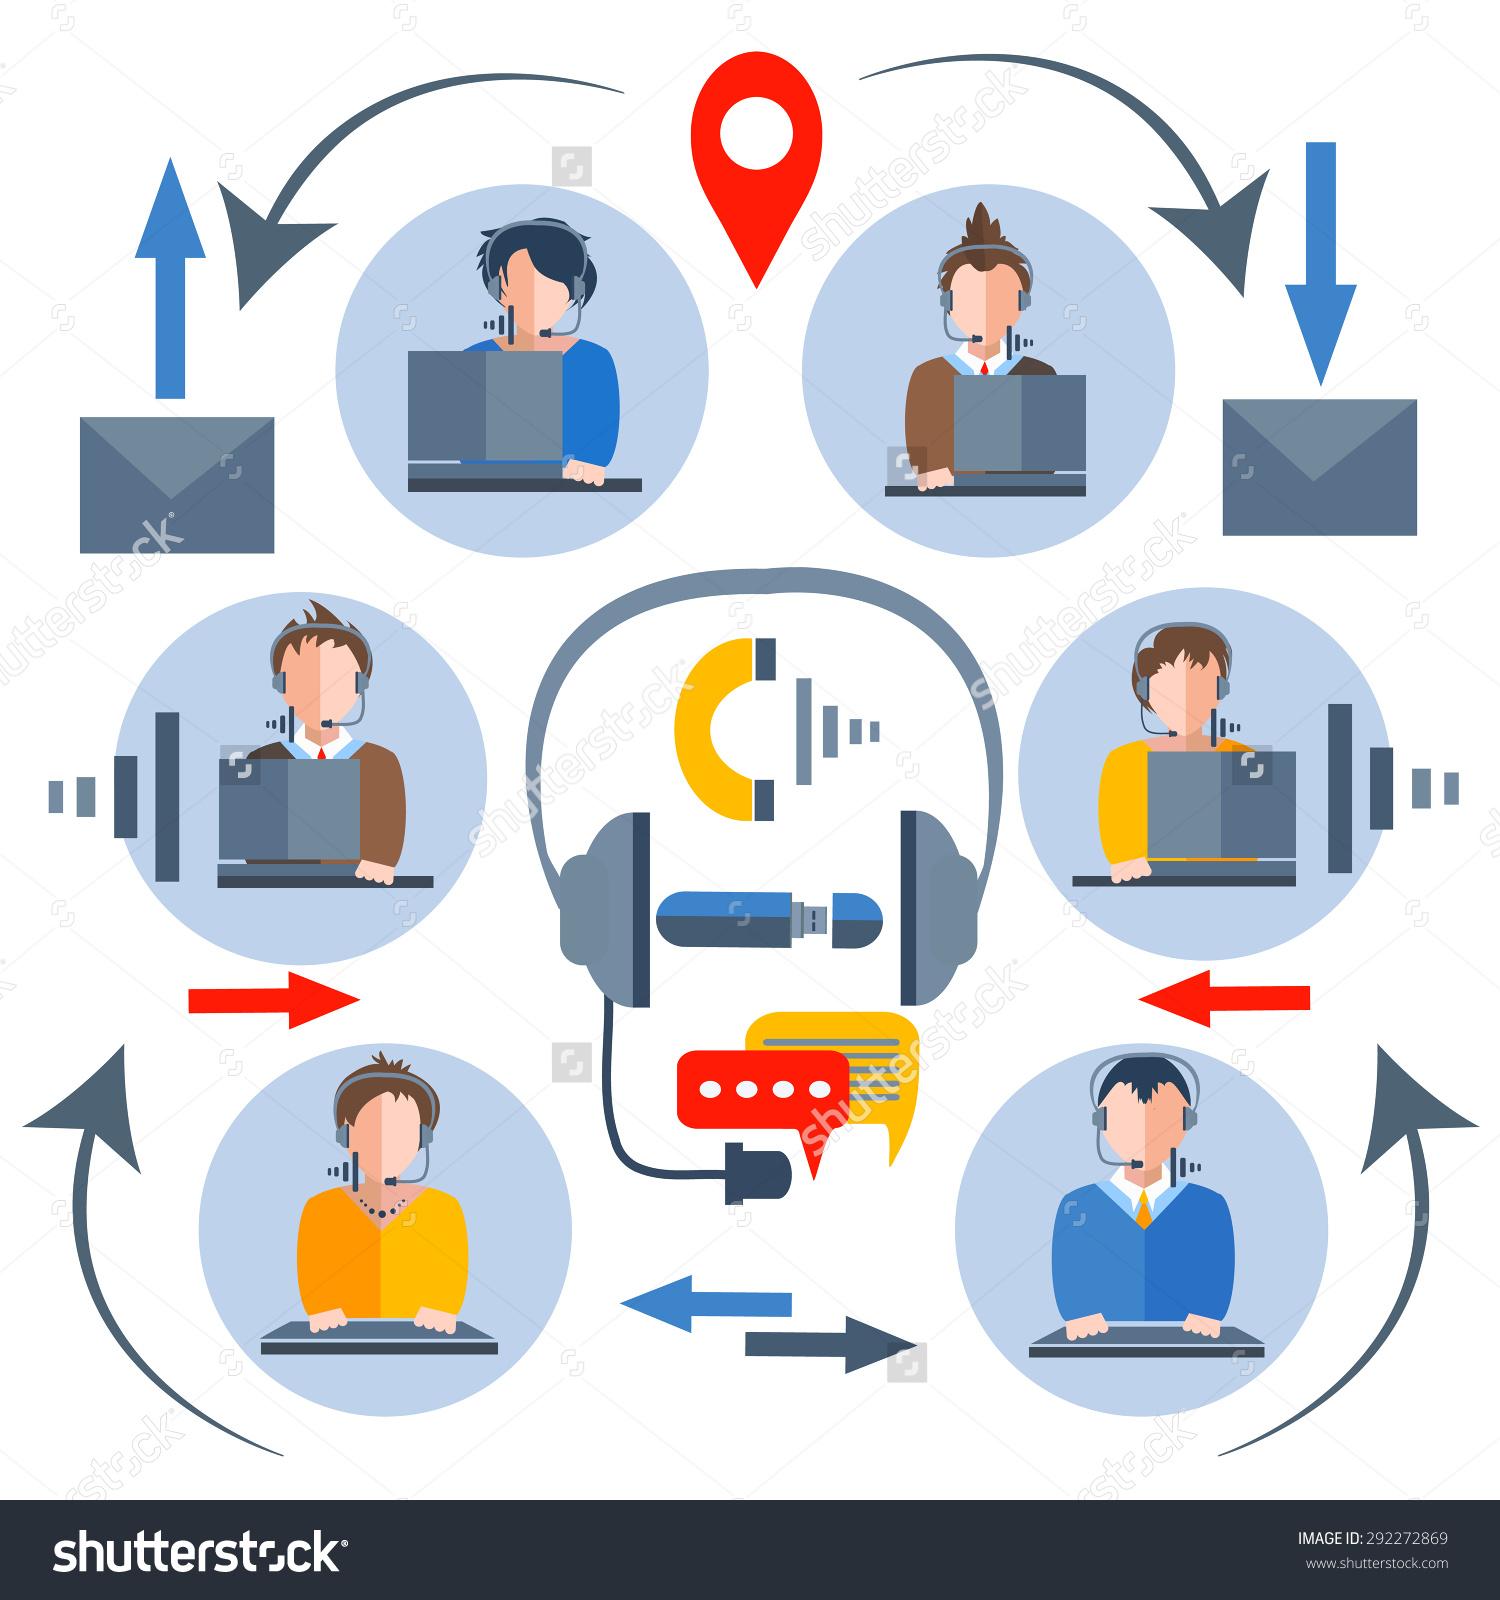 Mobile operators clipart #8